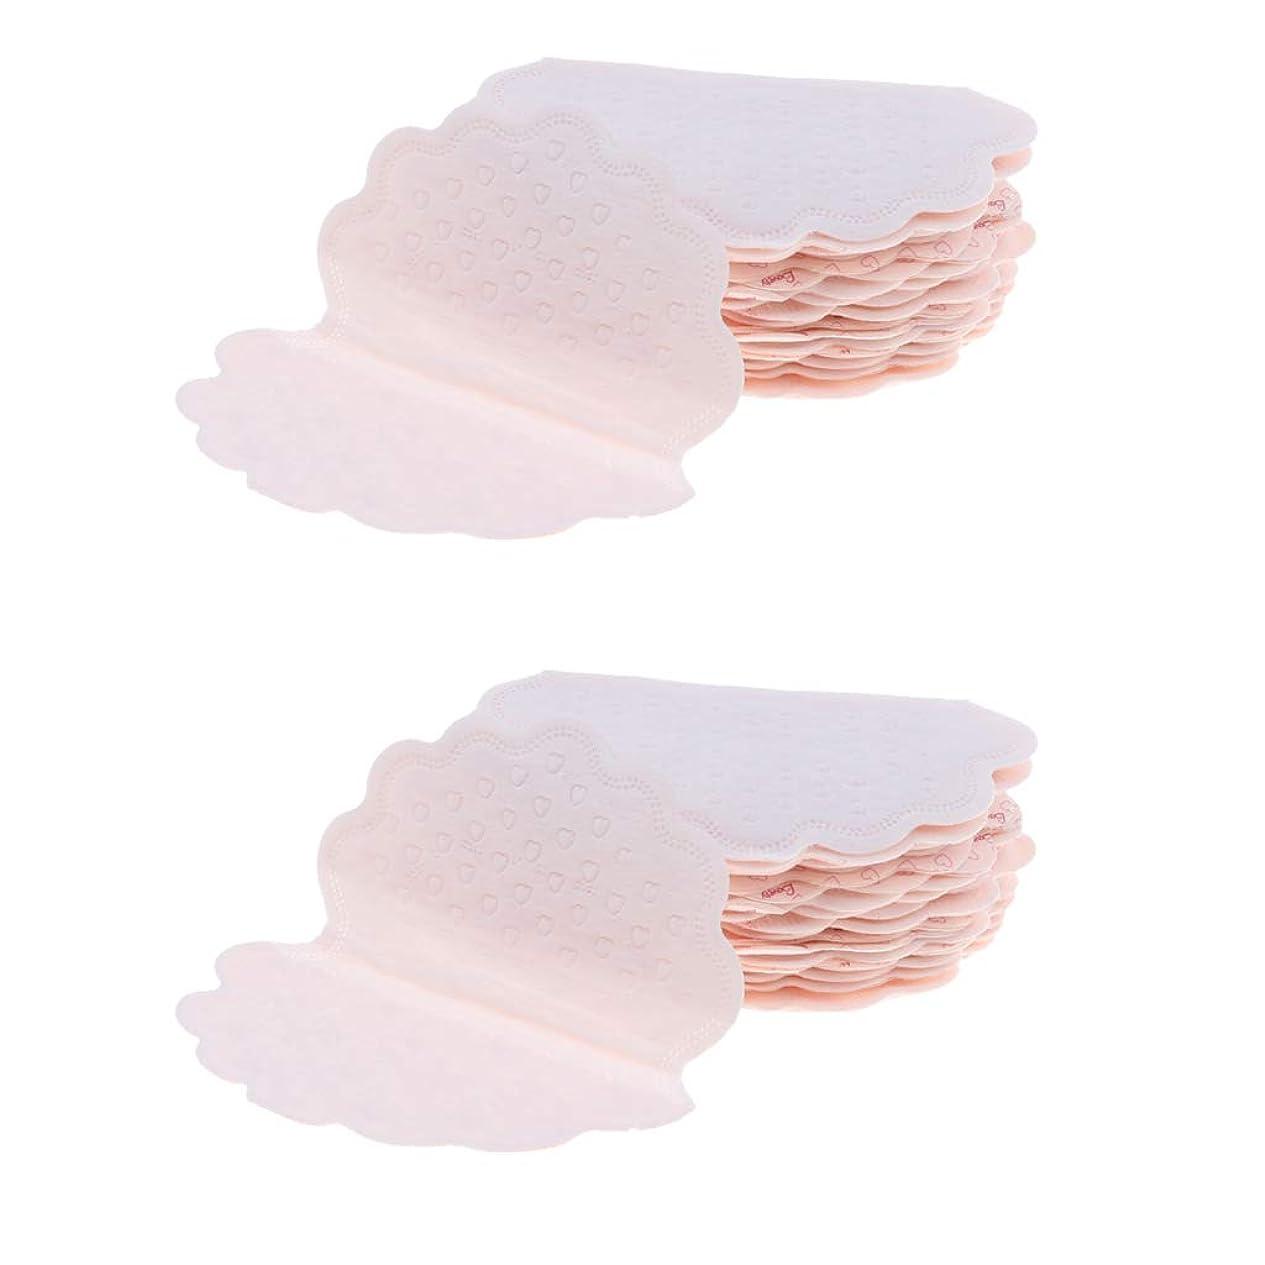 氏巻き取り花弁chiwanji 脇の下 汗パッド 汗と臭い吸収 ワキ汗対策 使い捨て 汗取りパッド あせジミ防止